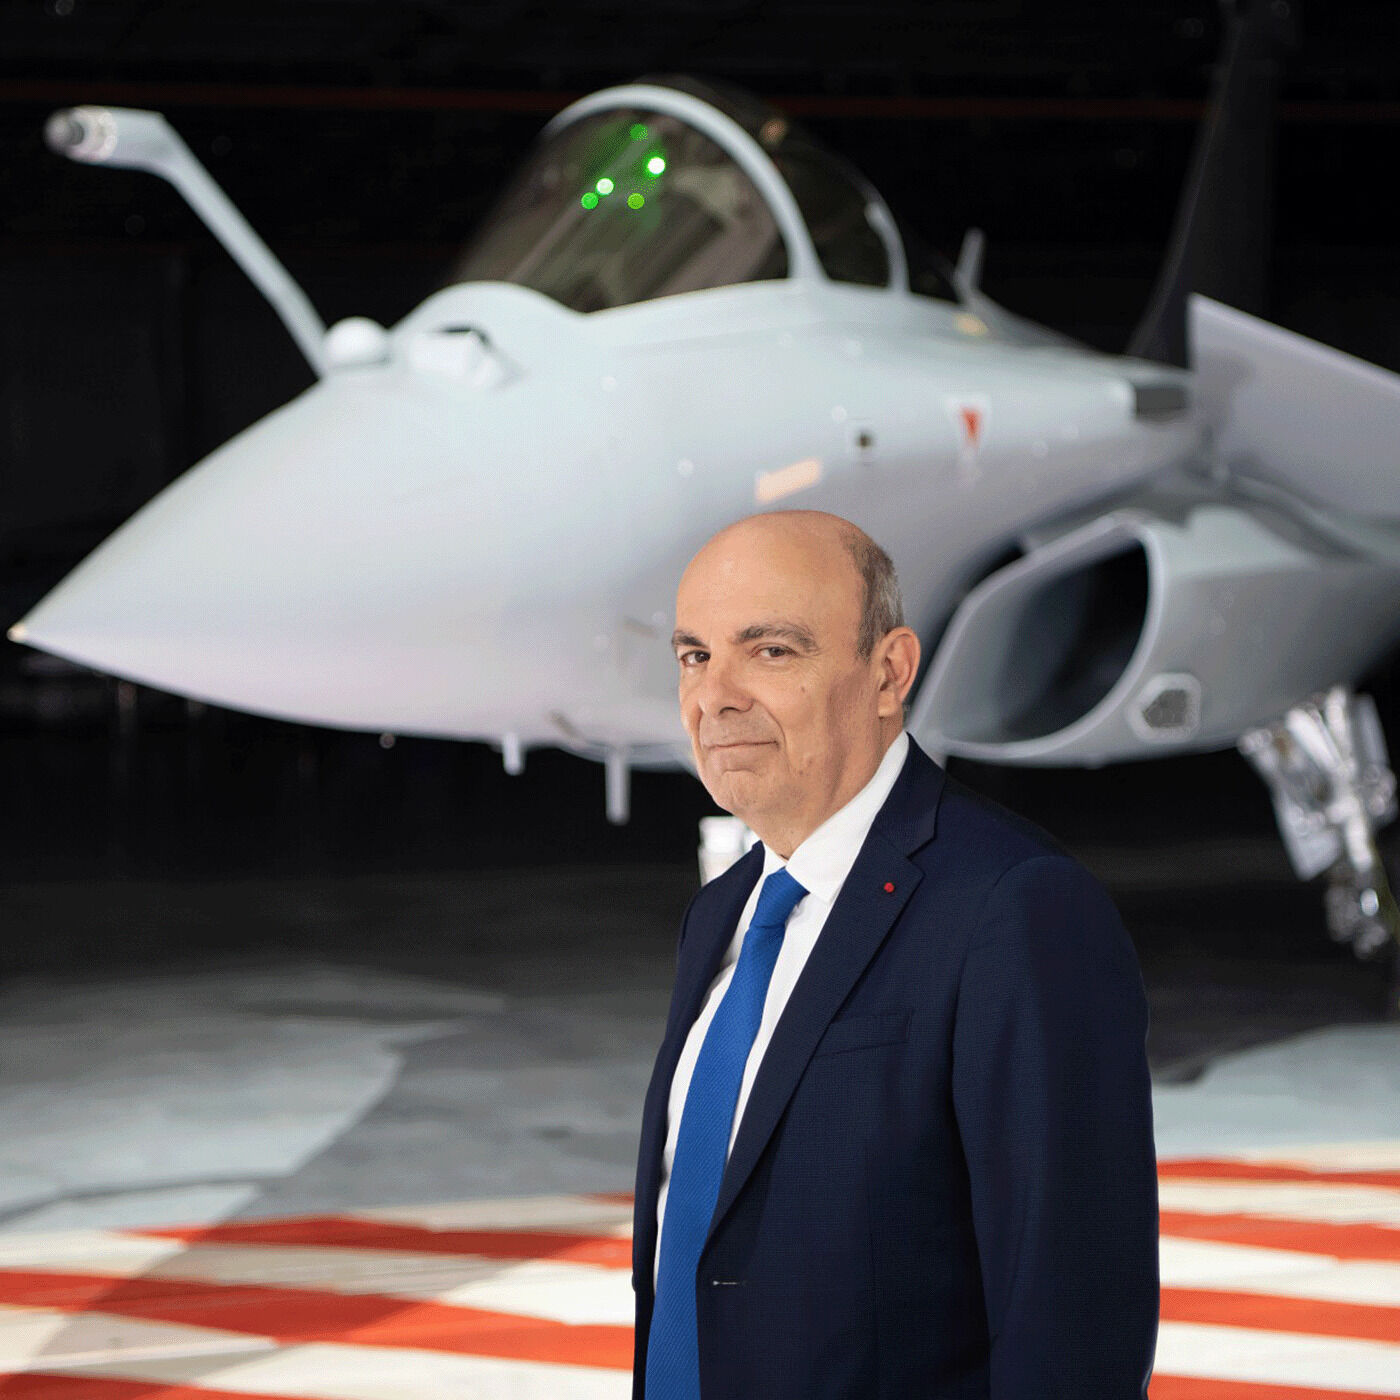 2/2 Entretien avec Eric Trappier, président directeur général de Dassault Aviation et président du GIFAS